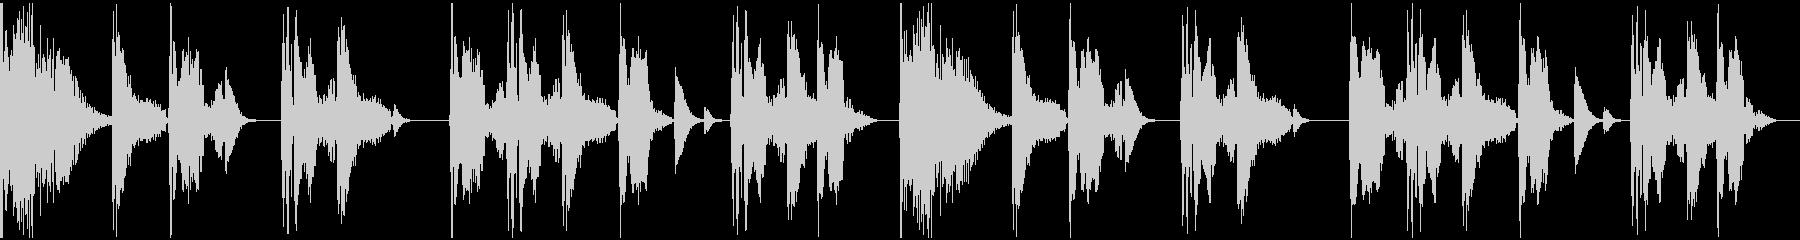 【エレクトロニカ】ロング3、ショート3の未再生の波形